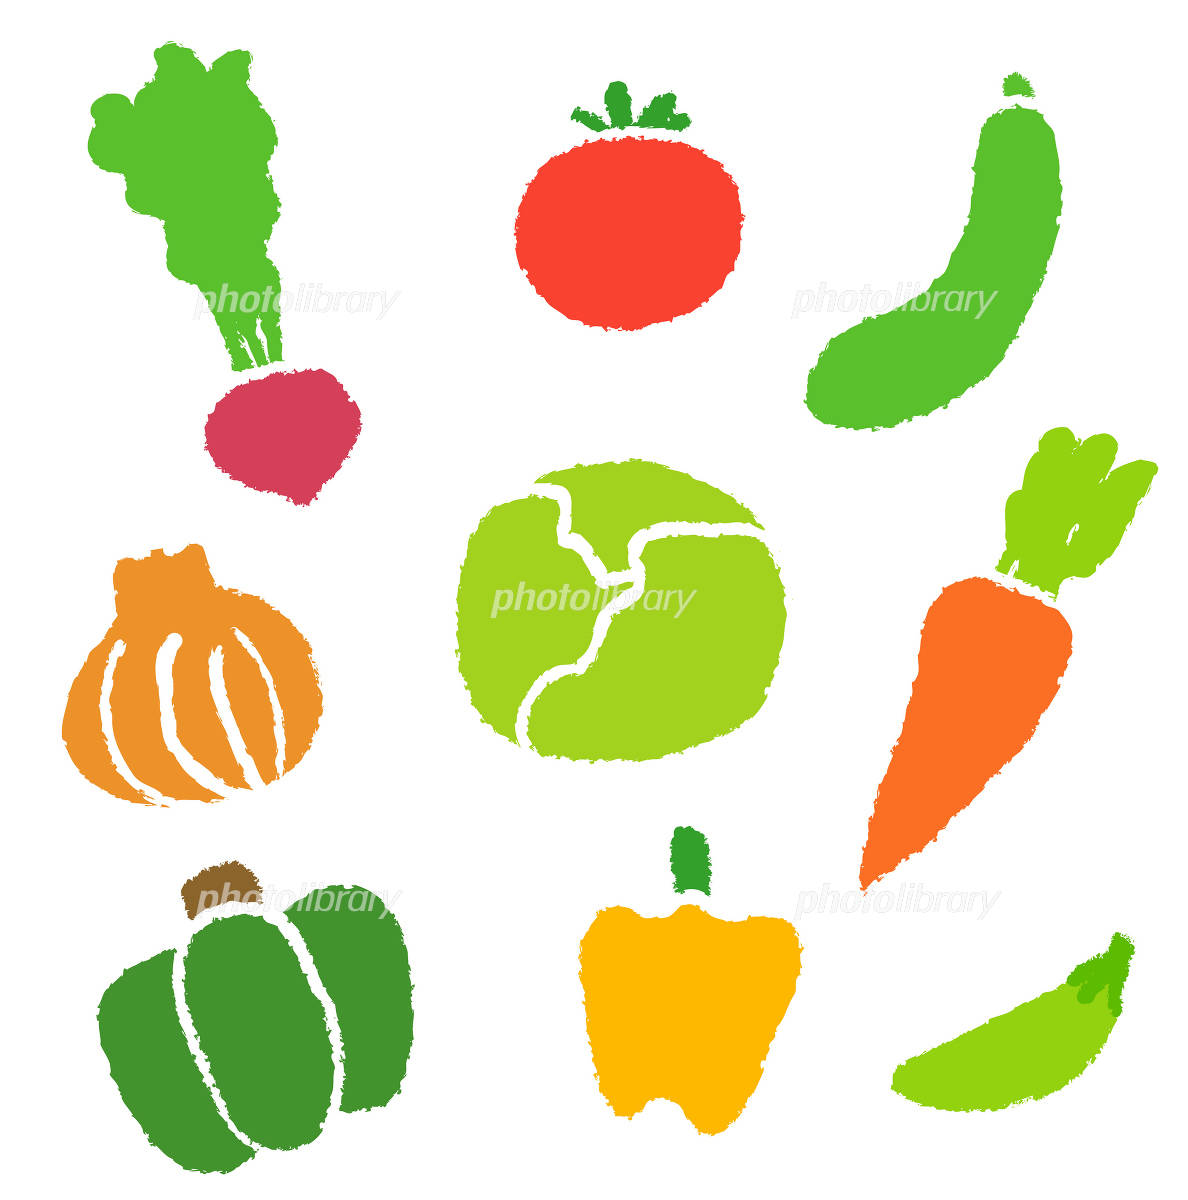 野菜 イラスト素材 [ 1041558 ] - フォトライブラリー photolibrary